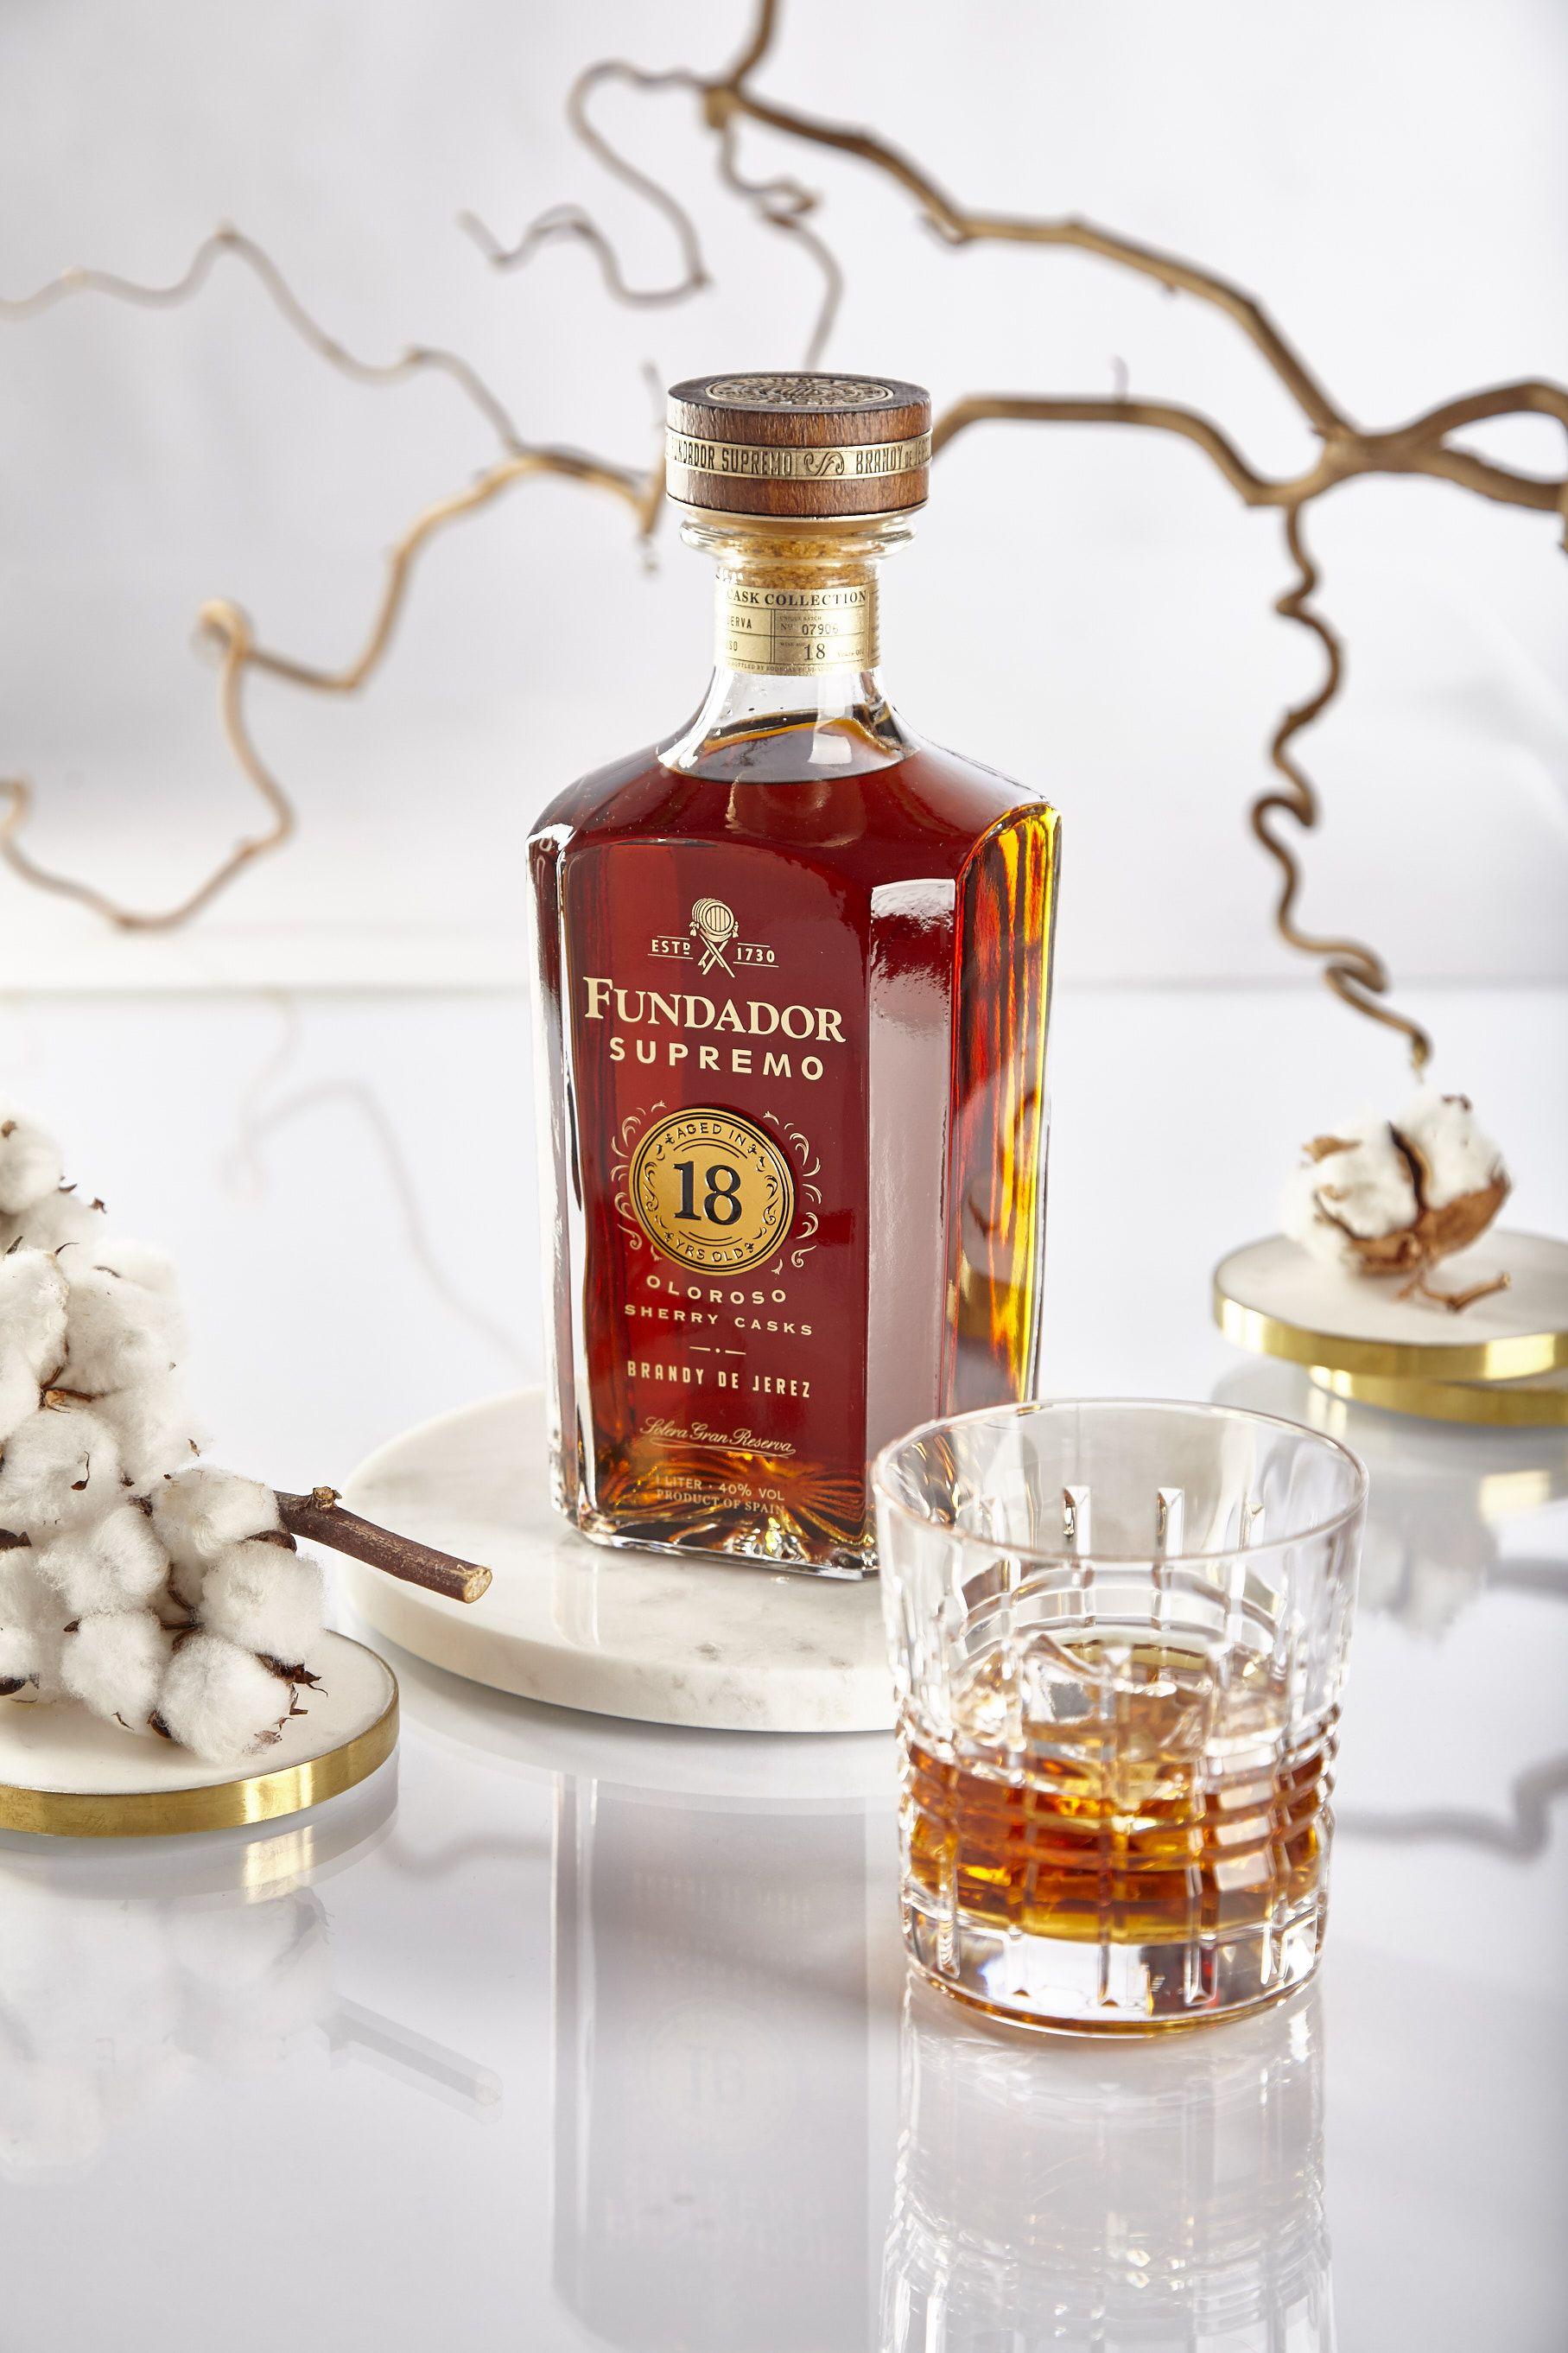 Fotografia Fundador Supremo 18 - El Mejor Brandy del Mundo